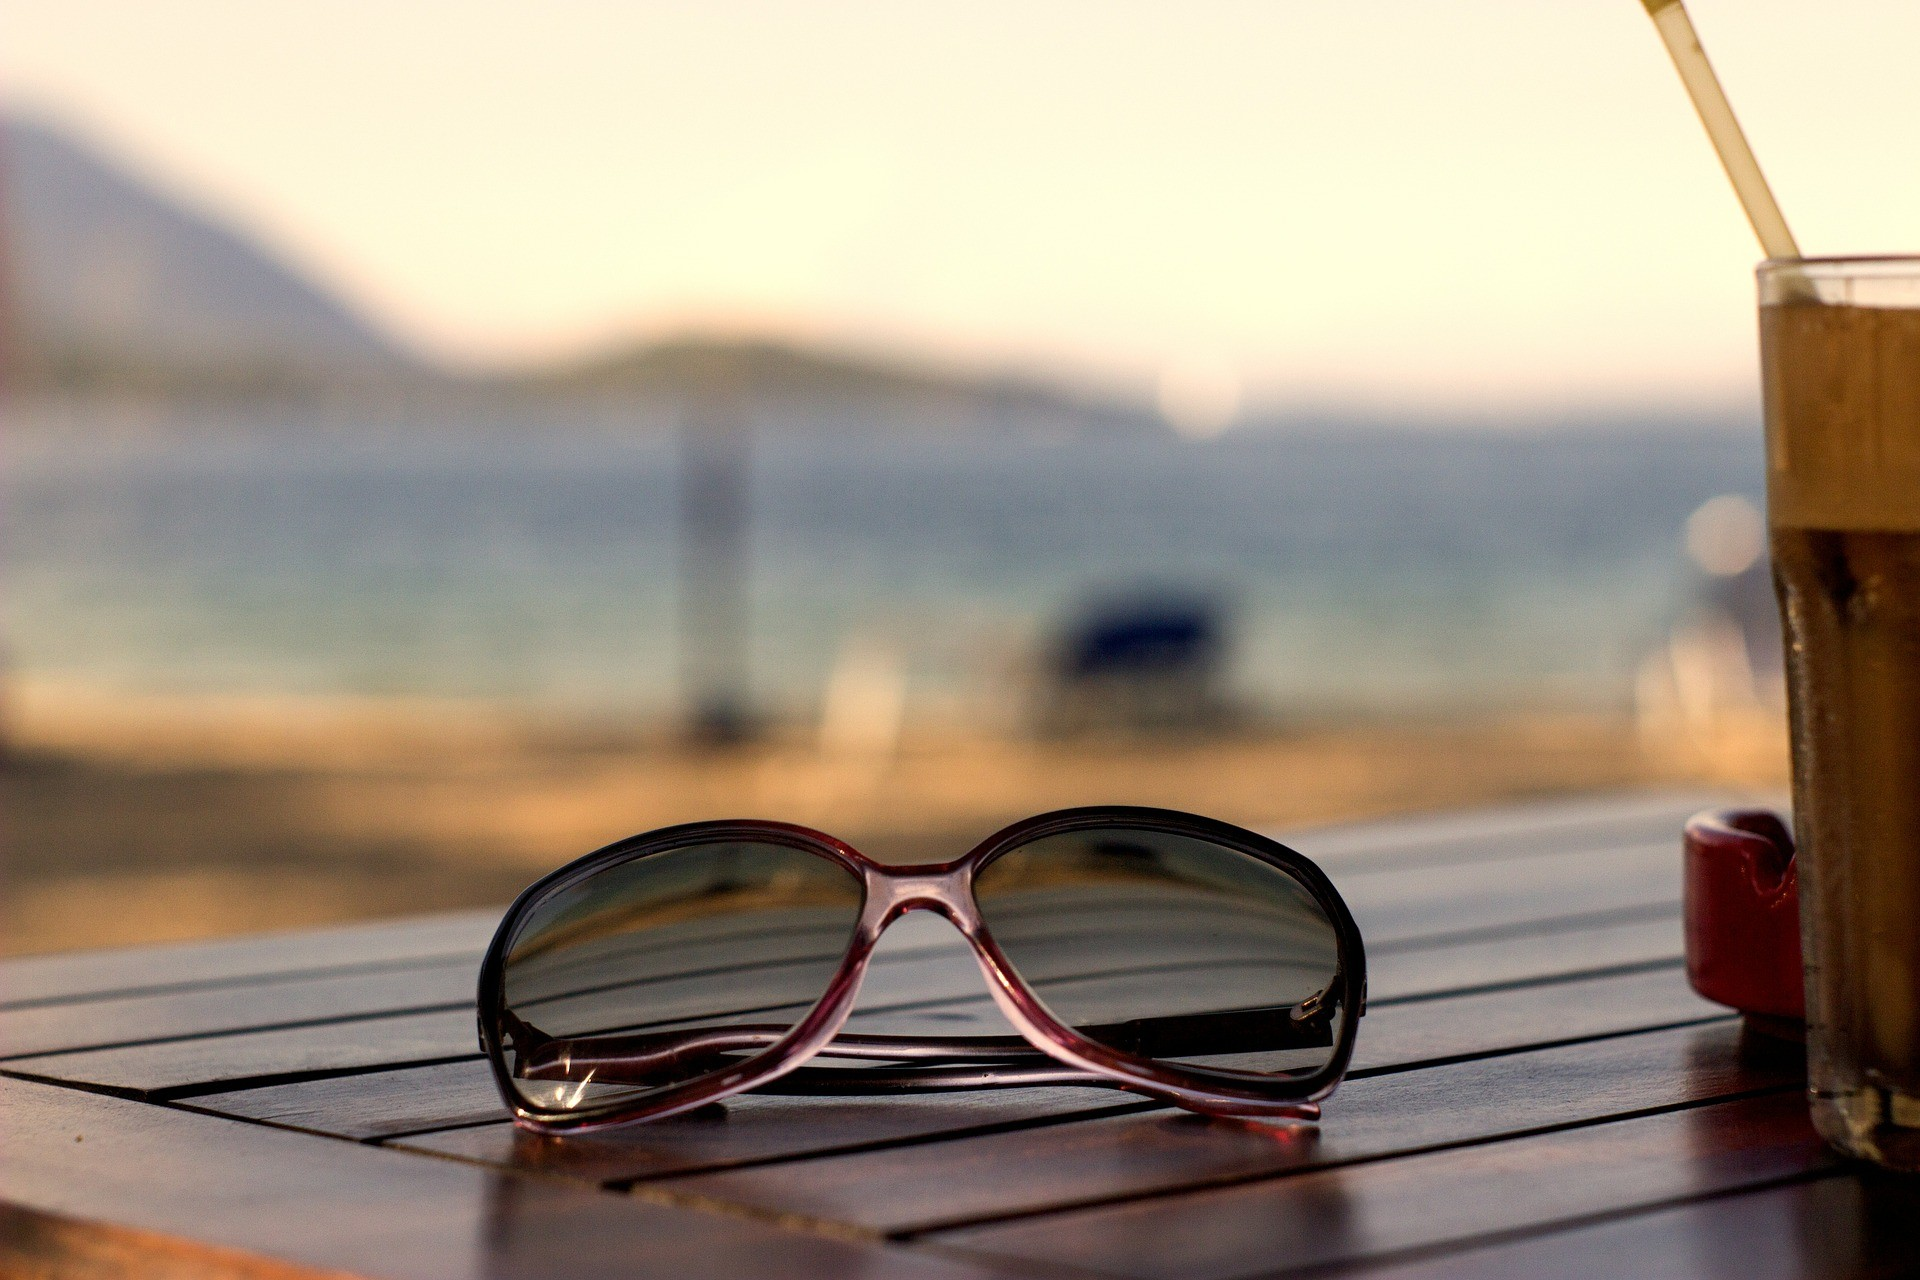 2021年,关于跨境电商,眼镜商家需要思考的几个问题